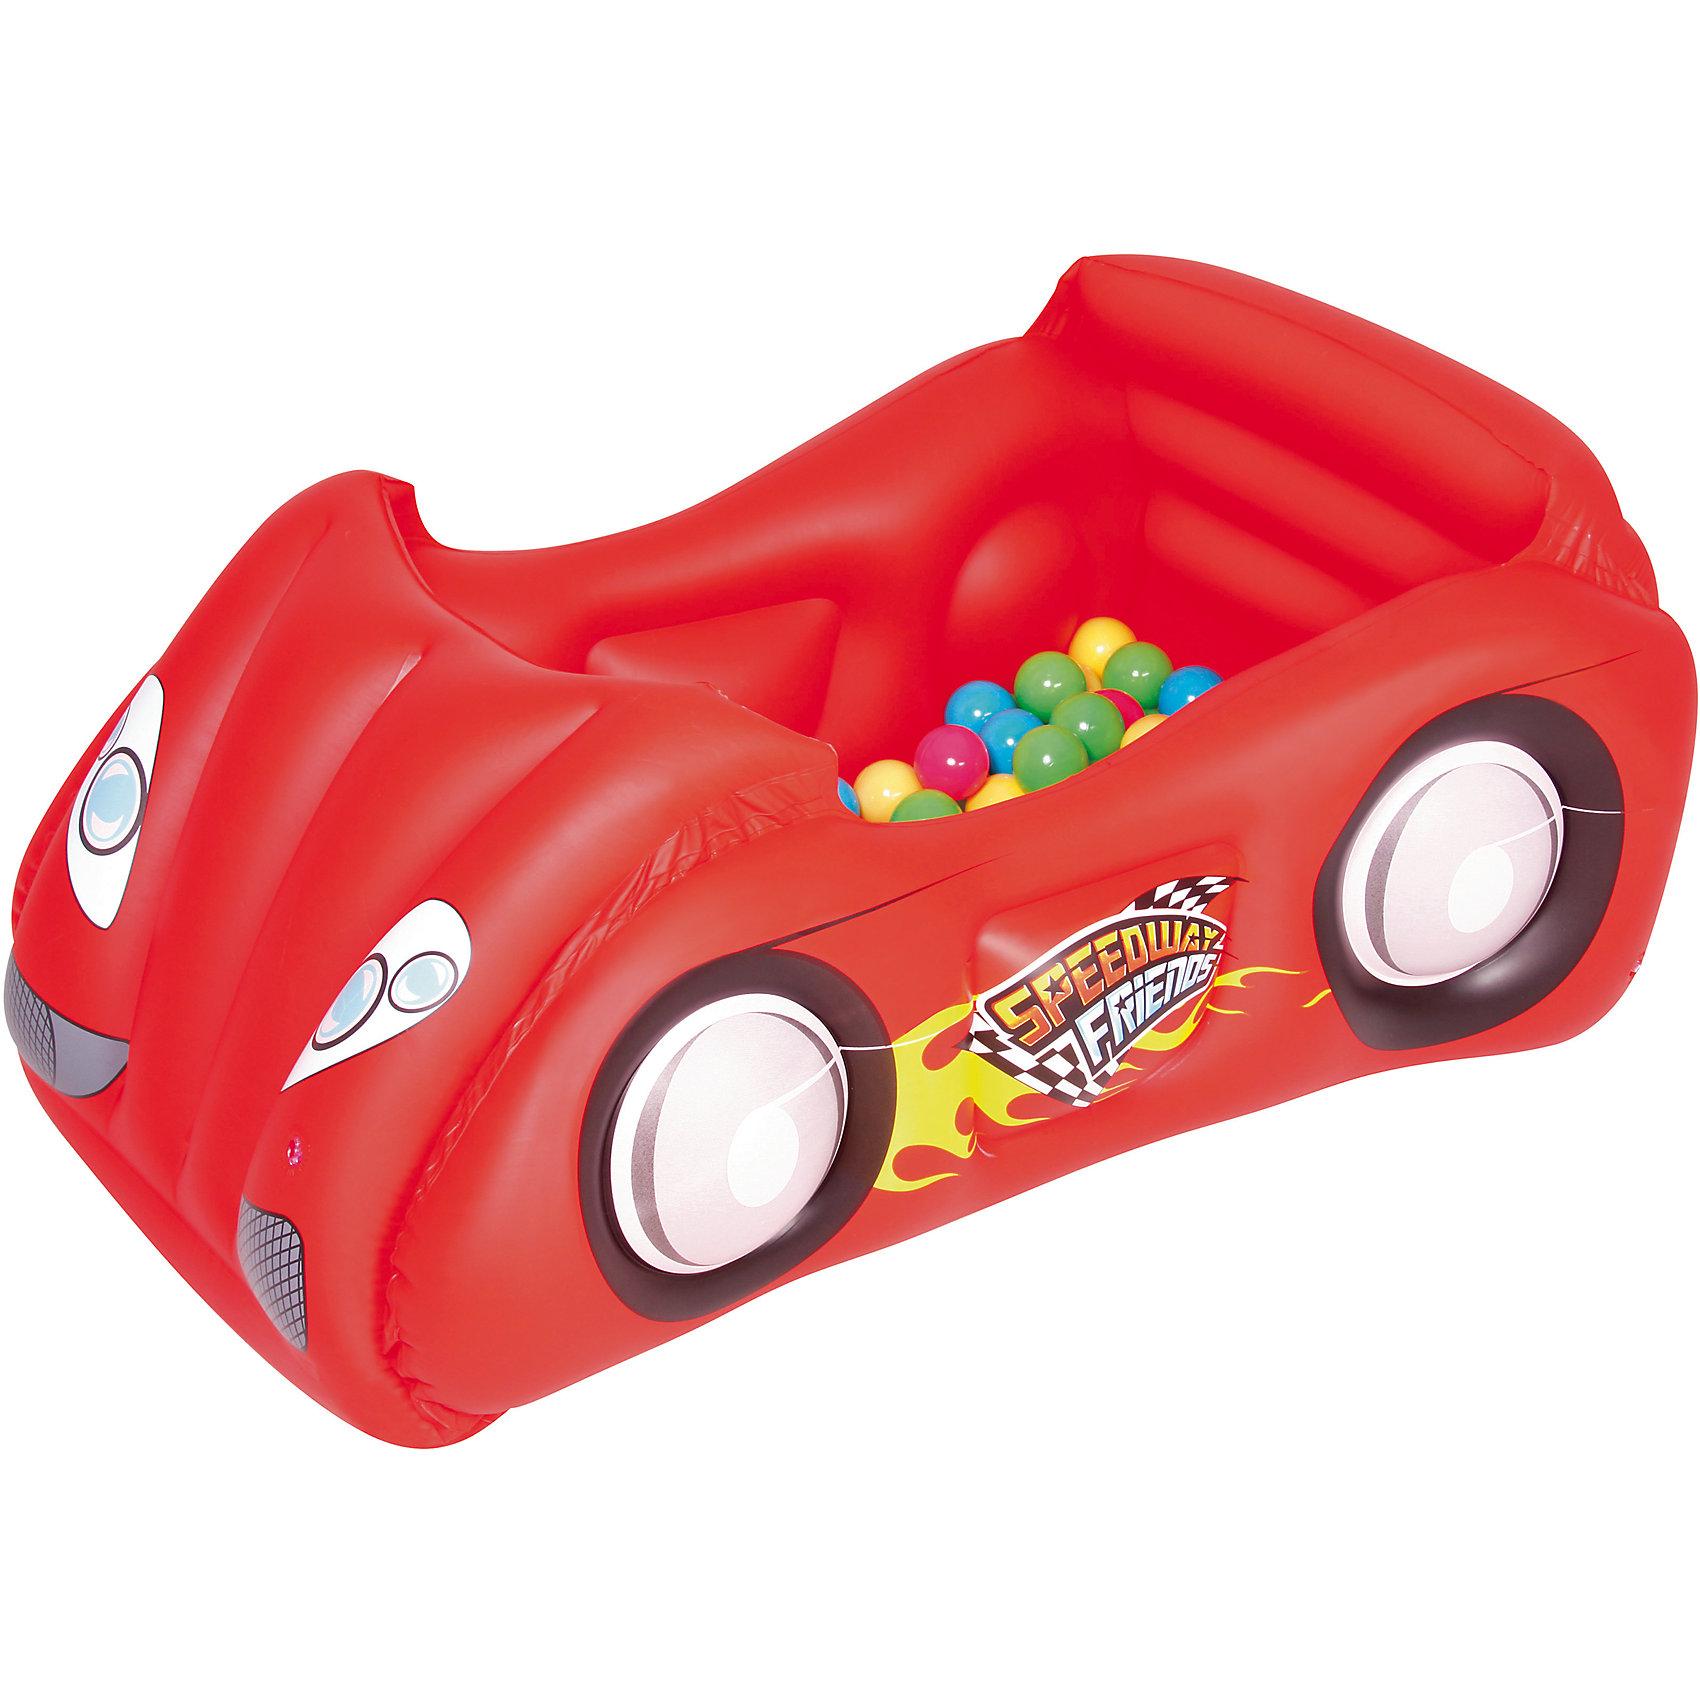 Игровой центр Машина с шариками, Bestway, в ассортиментеИгровой центр Машина с шариками, Bestway - чудесный игровой комплекс, который отлично подойдет для разнообразных игр и развлечений как дома так и на улице. Его можно использовать как место для игр и отдыха или устраивать на нем веселые гонки. Игрушка выполнена в форме красочного гоночного автомобиля с мягким дном и удобным сиденьем для водителя и пассажира. Прочный долговечный материал ПВХ из нескольких слоев способен выдерживать большие нагрузки. Когда автомобиль не используется по назначению, он может стать большим бассейном с разноцветными шариками (входят в комплект). Для детей 3-6 лет.<br><br>Дополнительная информация:<br><br>- В комплекте: надувной игровой центр, 50 шариков.<br>- Материал: ПВХ.<br>- Размер машины: 119 x 79 x 51 см. <br>- Вес: 3,5 кг.<br><br>Игровой центр Машина с шариками, Bestway, можно купить в нашем интернет-магазине.<br><br>Ширина мм: 4000<br>Глубина мм: 3930<br>Высота мм: 1300<br>Вес г: 2154<br>Возраст от месяцев: 36<br>Возраст до месяцев: 120<br>Пол: Унисекс<br>Возраст: Детский<br>SKU: 4632818